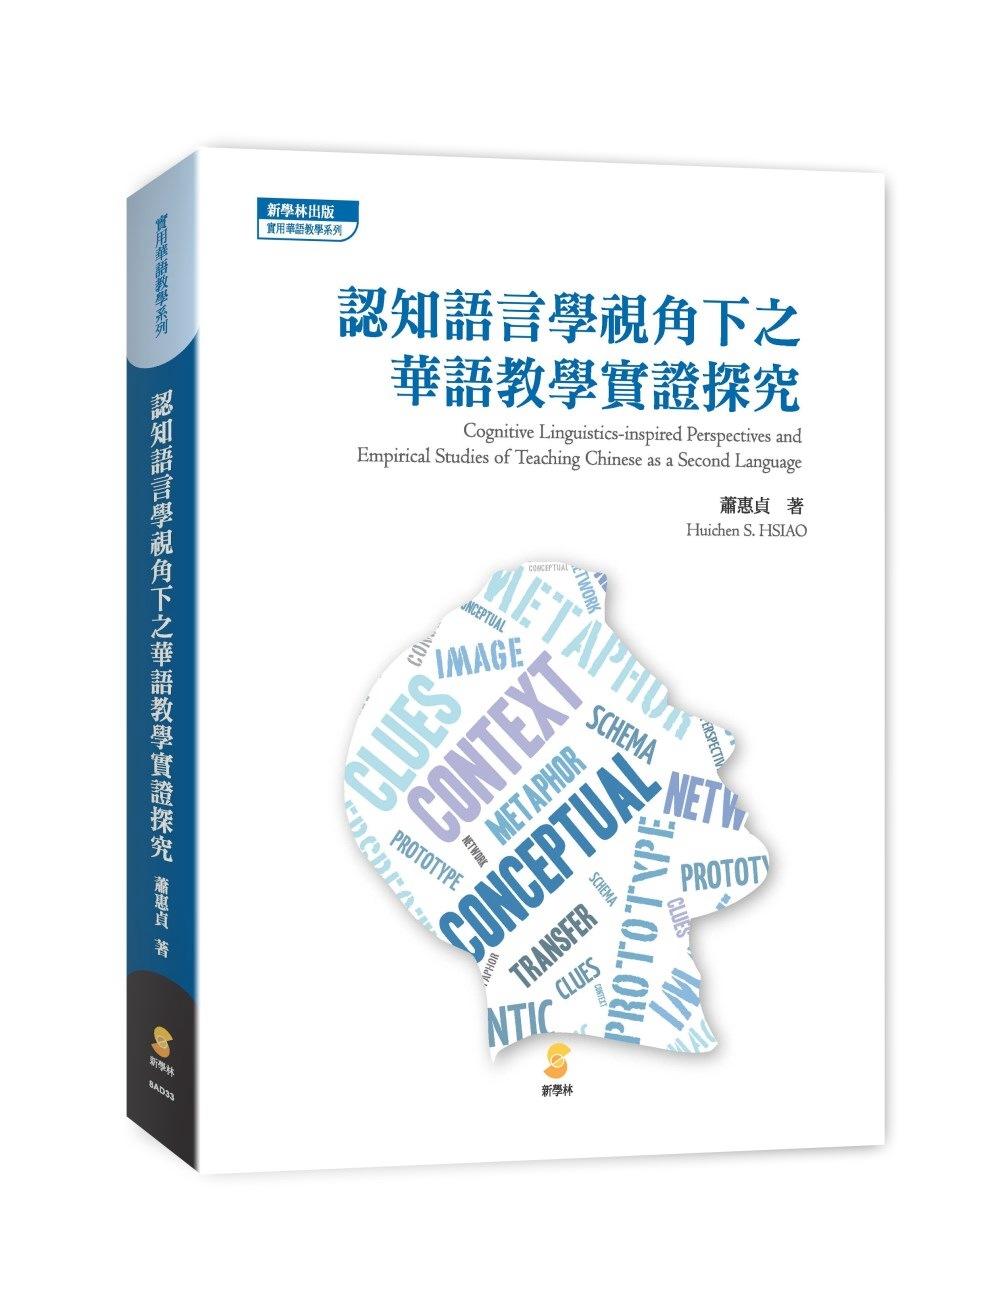 認知語言學視角下之華語教學實證探究